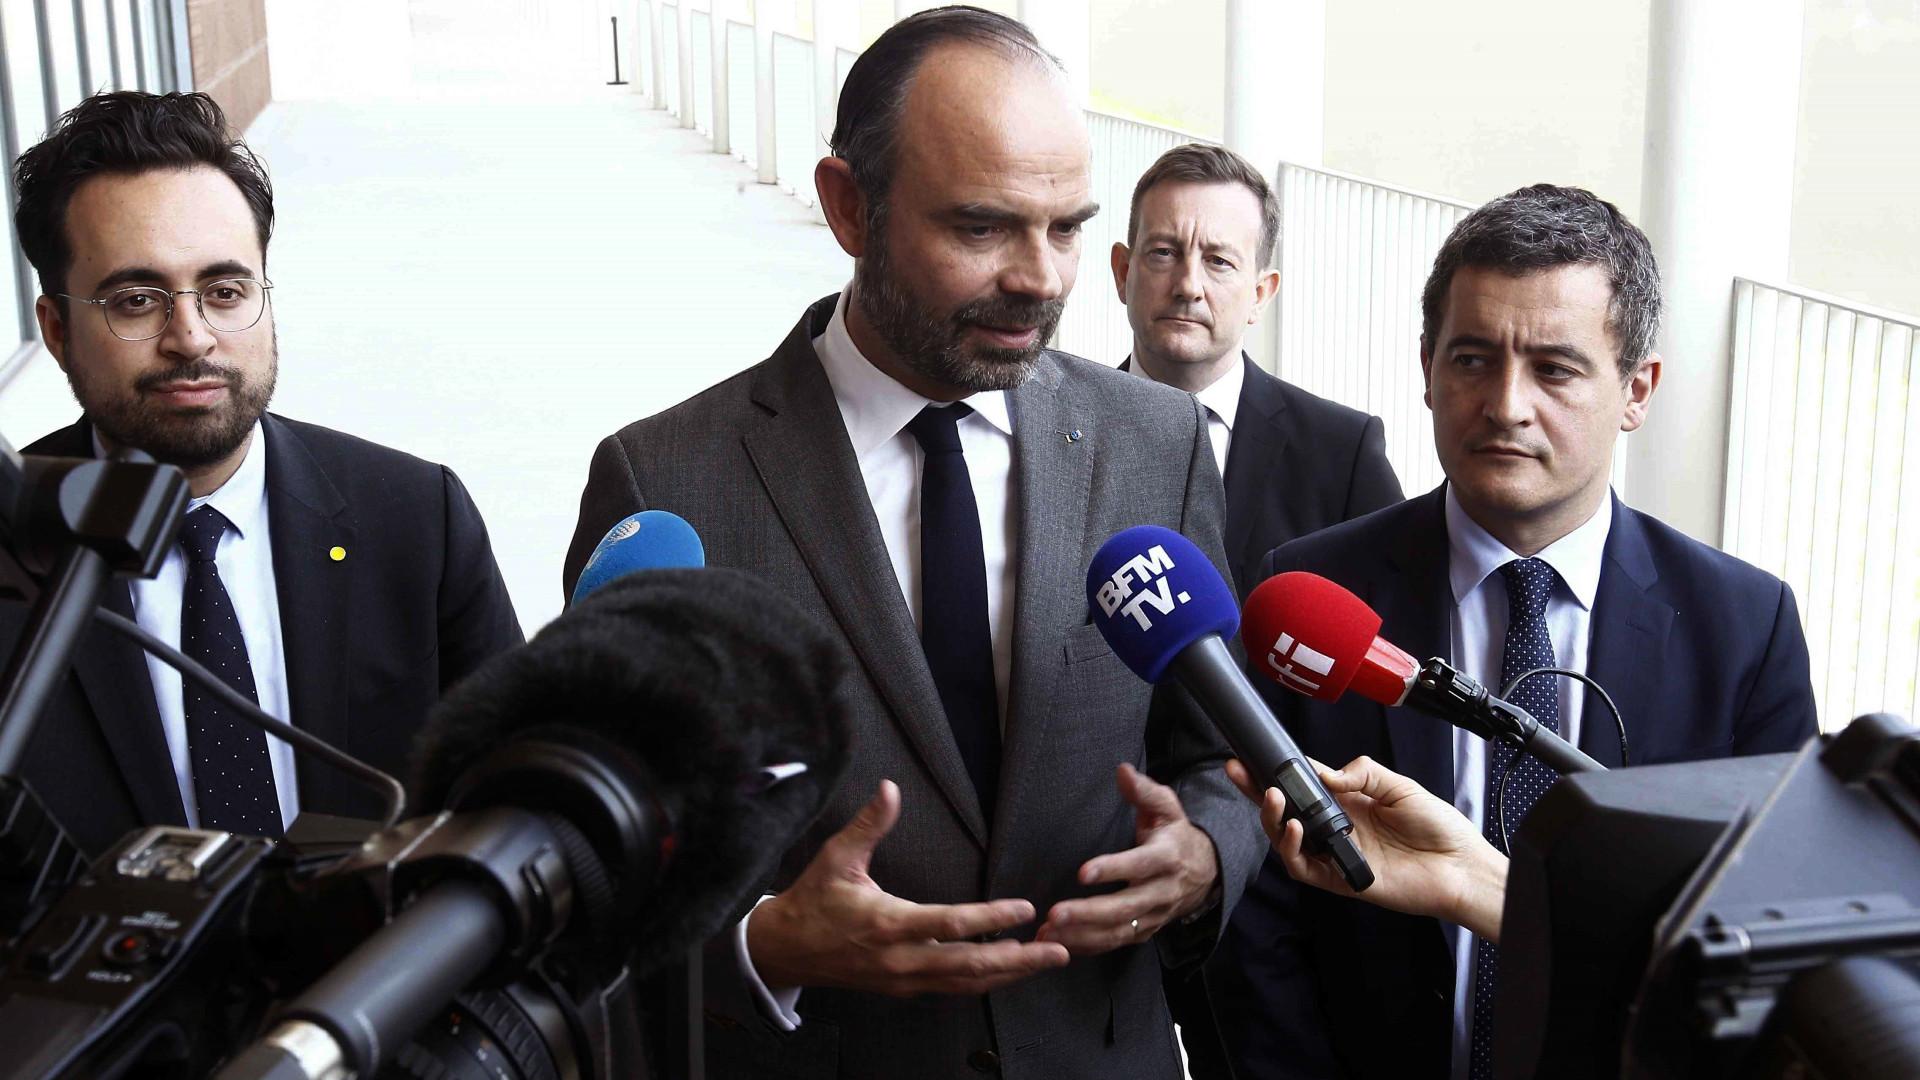 Número de atos antissemitas em França aumentou 70% este ano